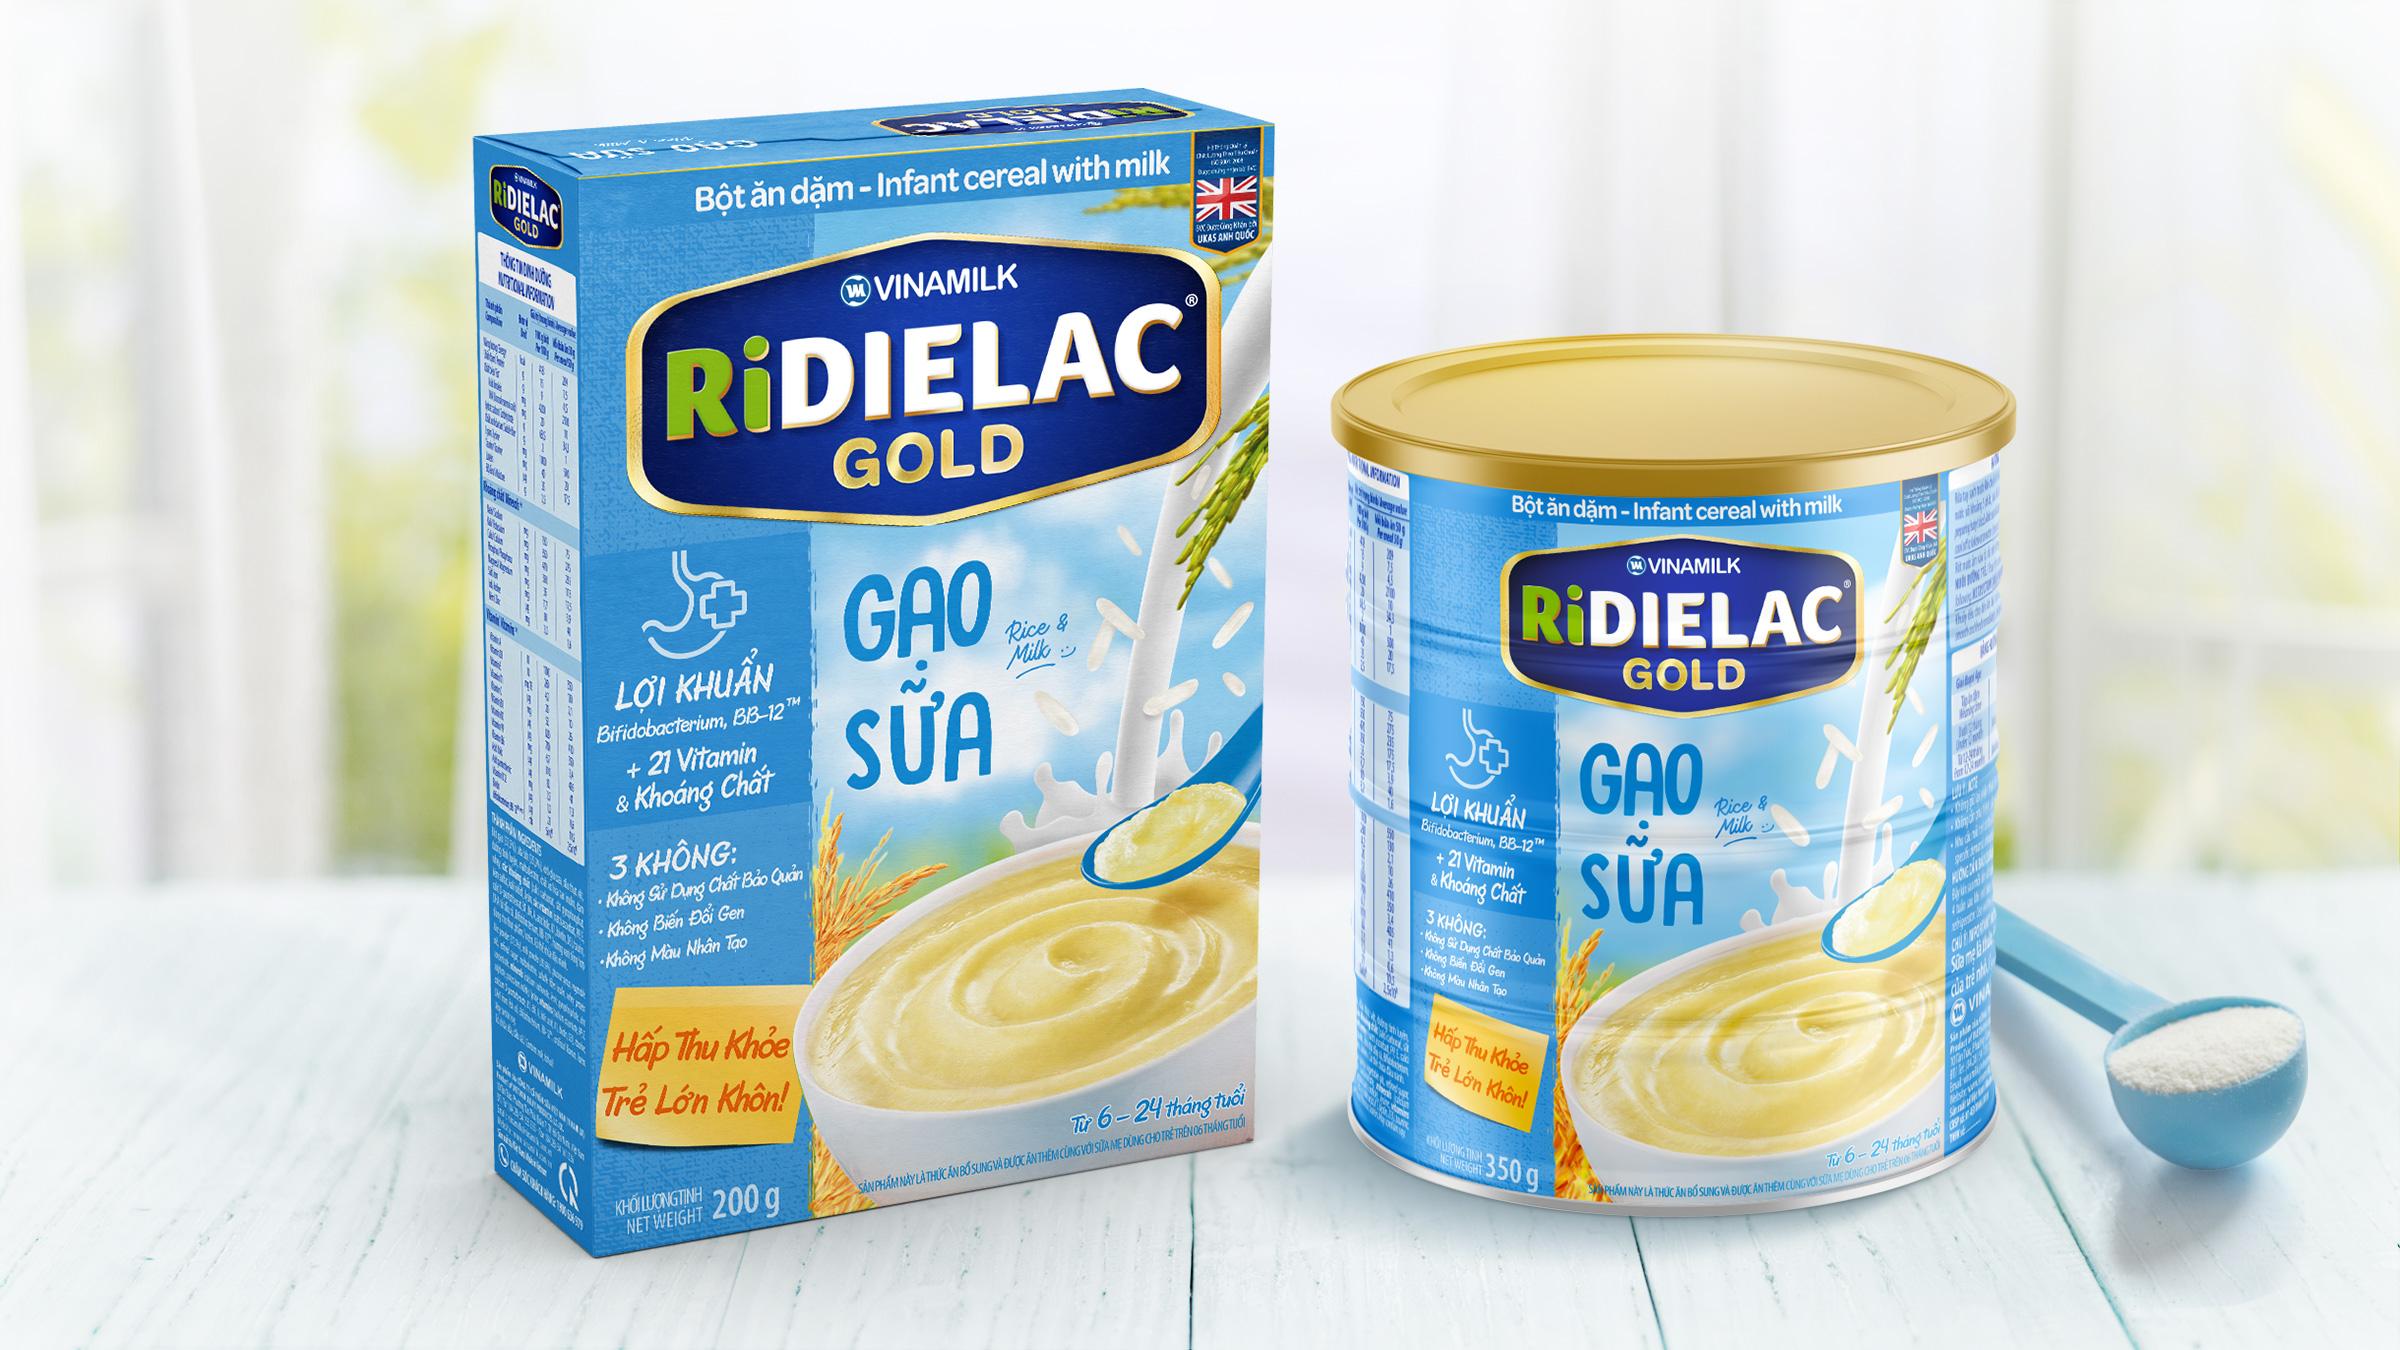 #circlebranding, ridielac, packaging design, circle branding, verpackungsdesign, markengestaltung, vietnam, packaging agency